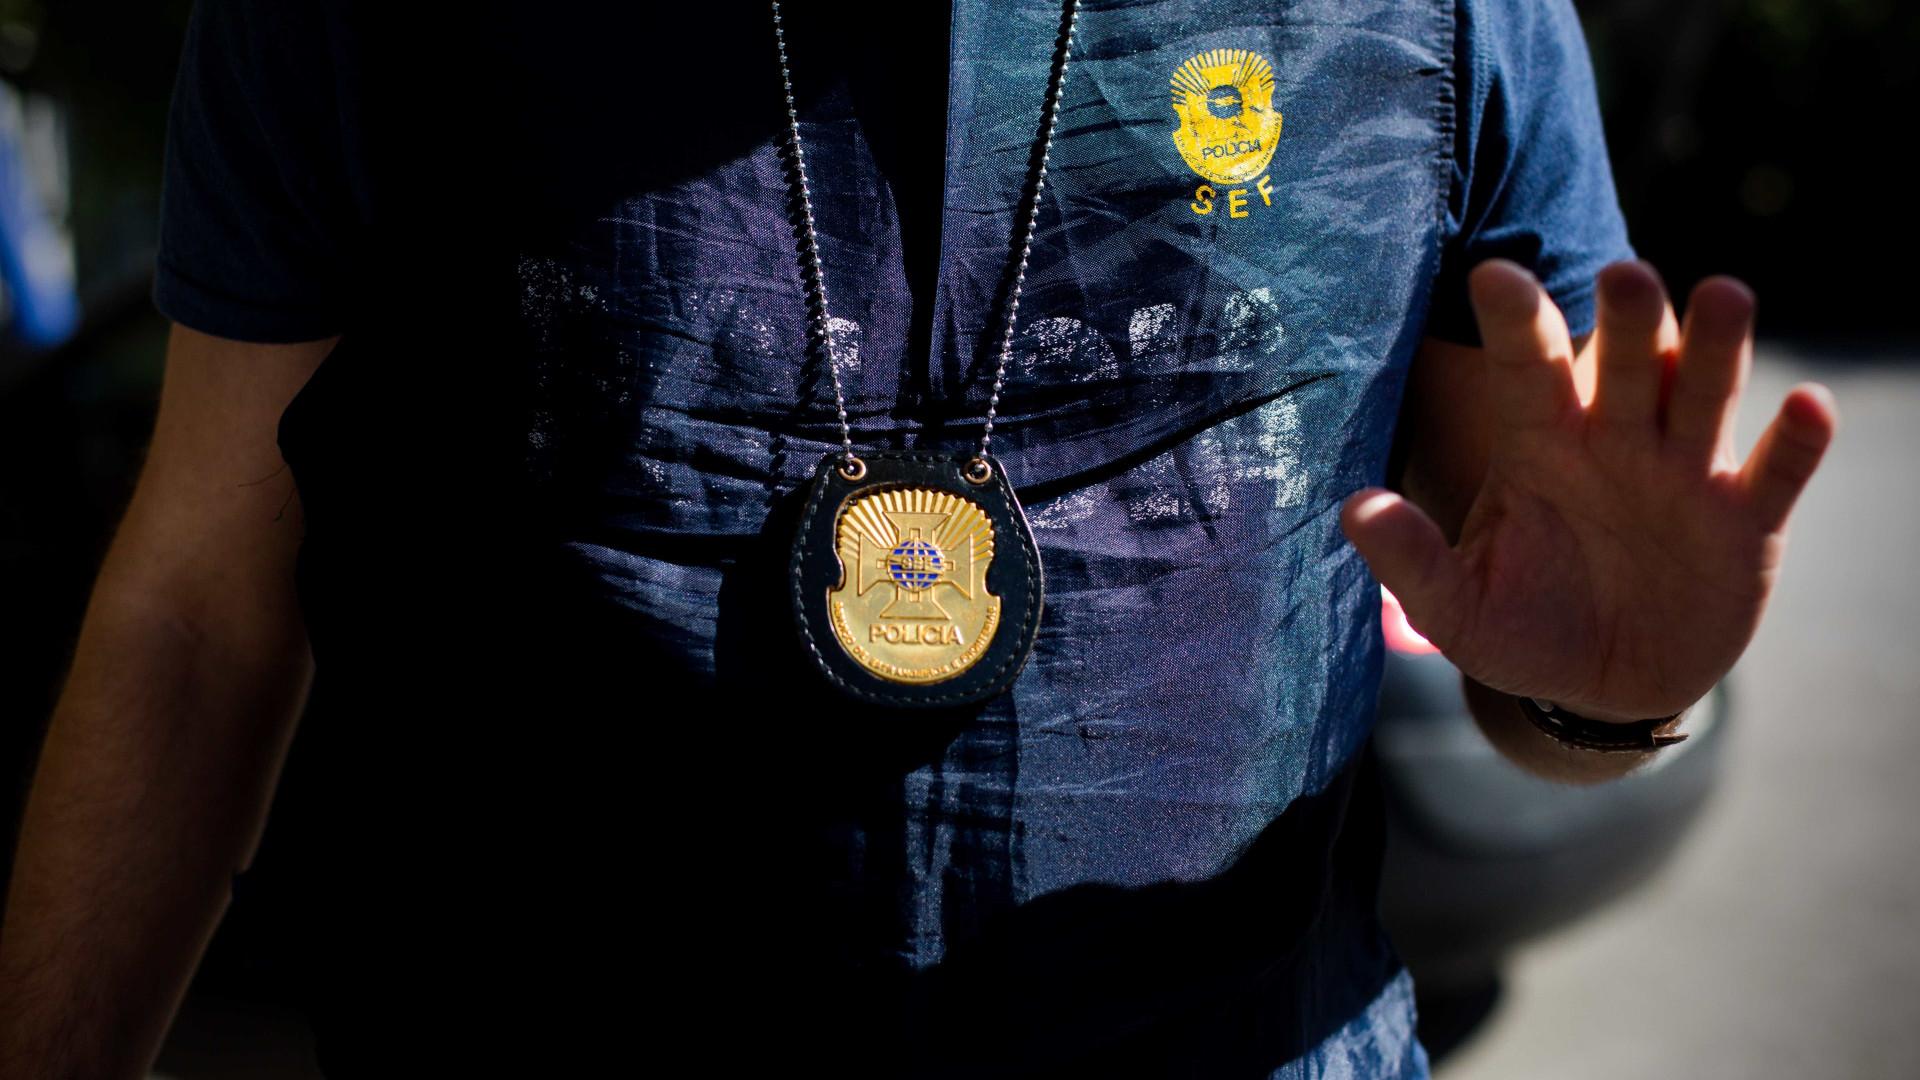 Prisão preventiva para 10 dos detidos da 'máfia dos ladrões em lei'